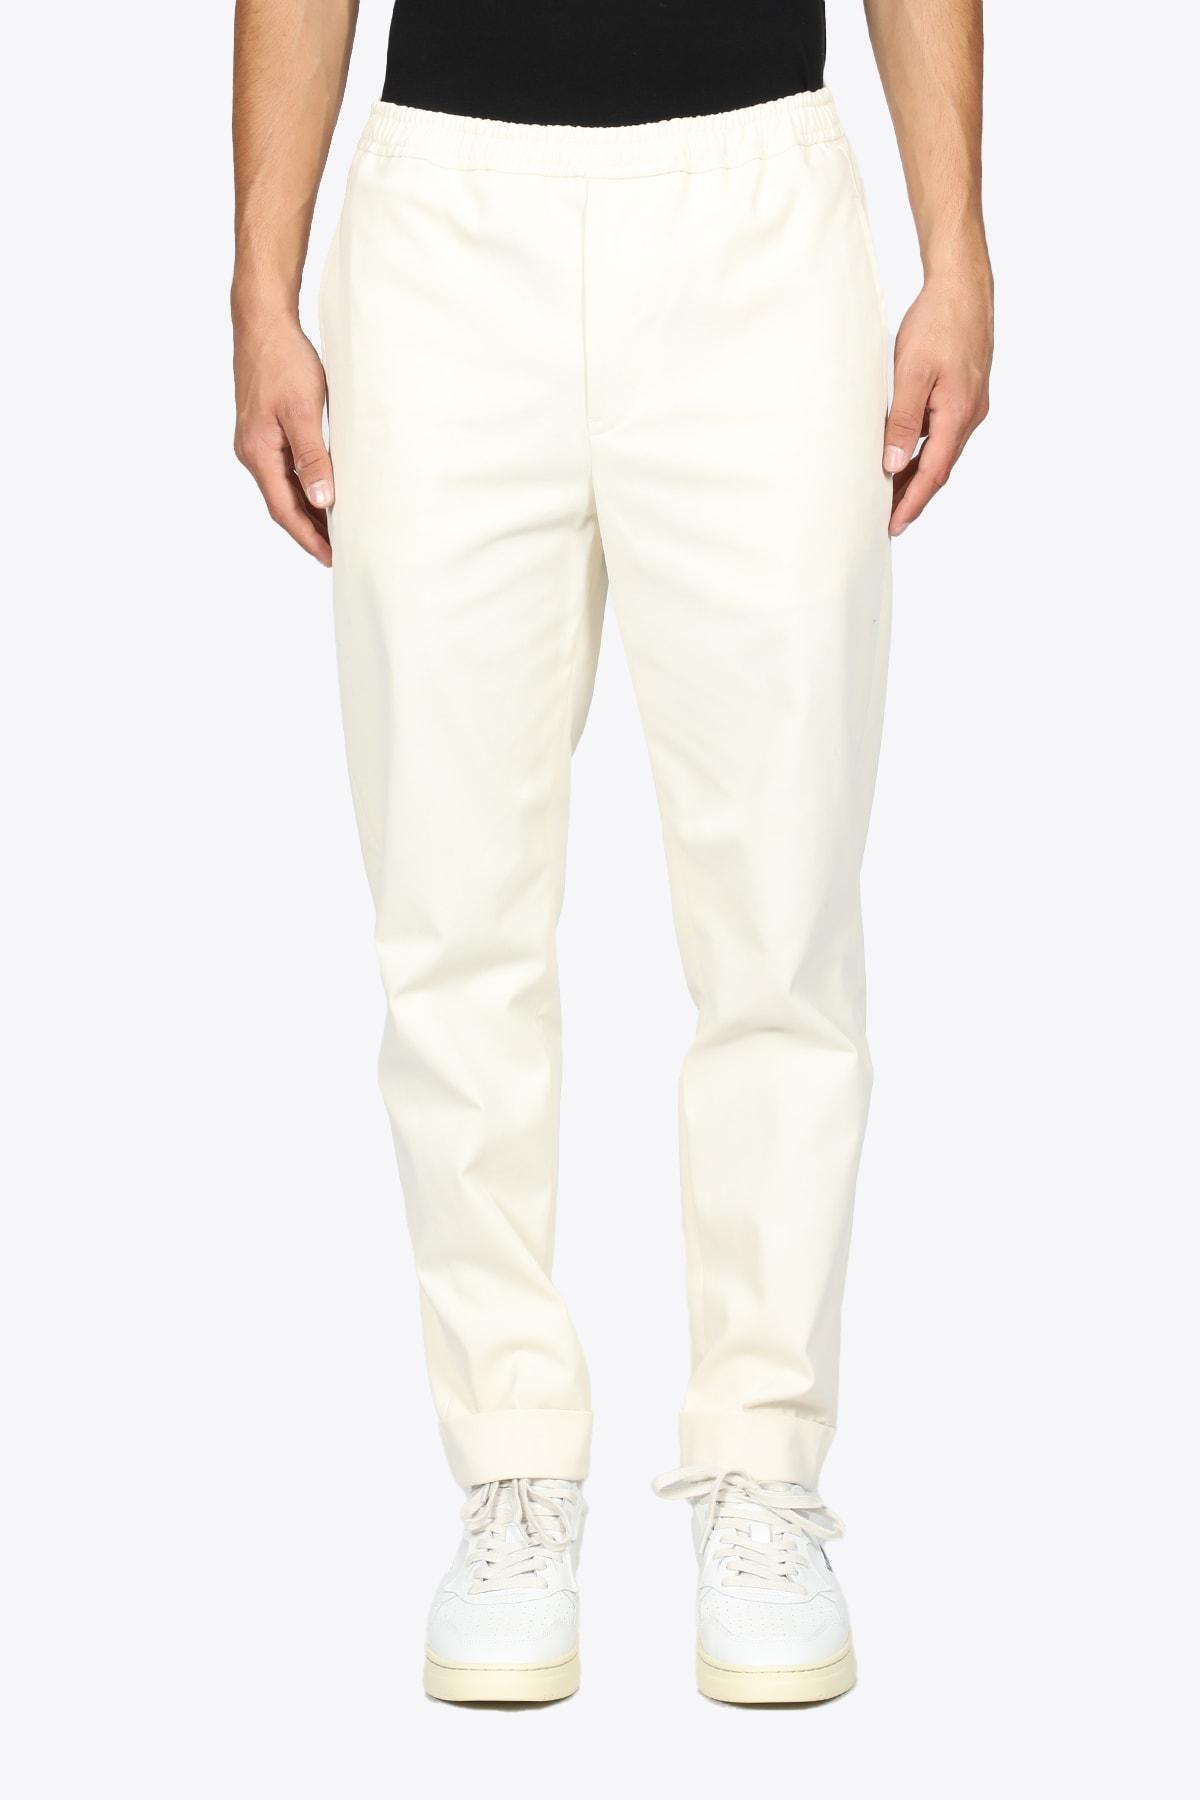 Pantalone In Cotone Panna Con Elastico In Vita